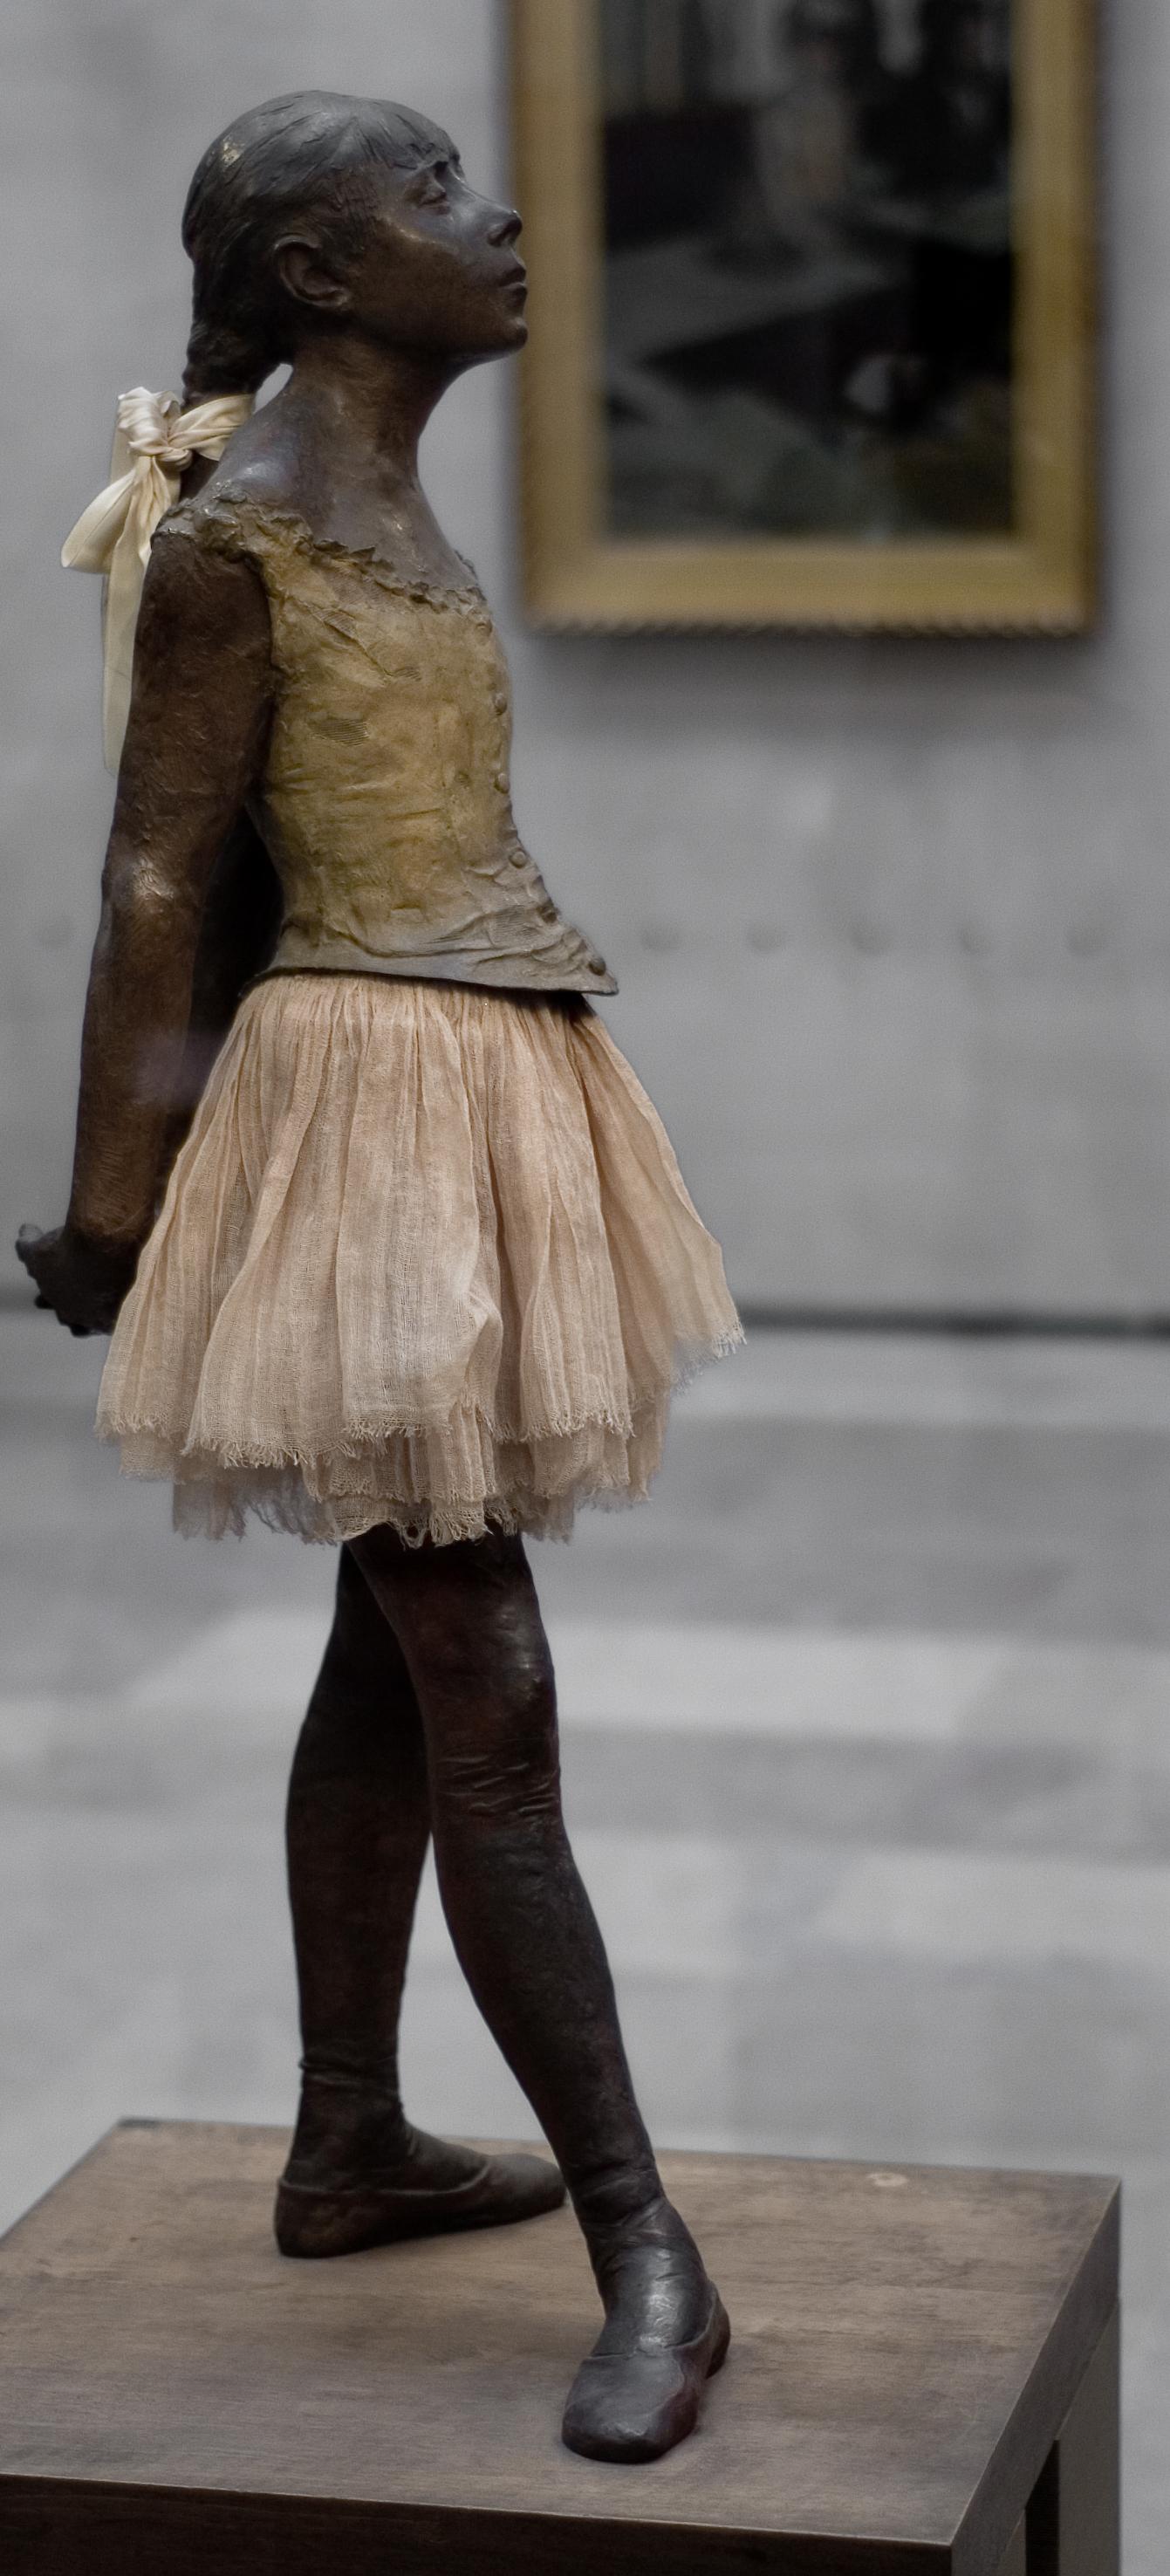 Kleine vierzehnjährige Tänzerin – Wikipedia